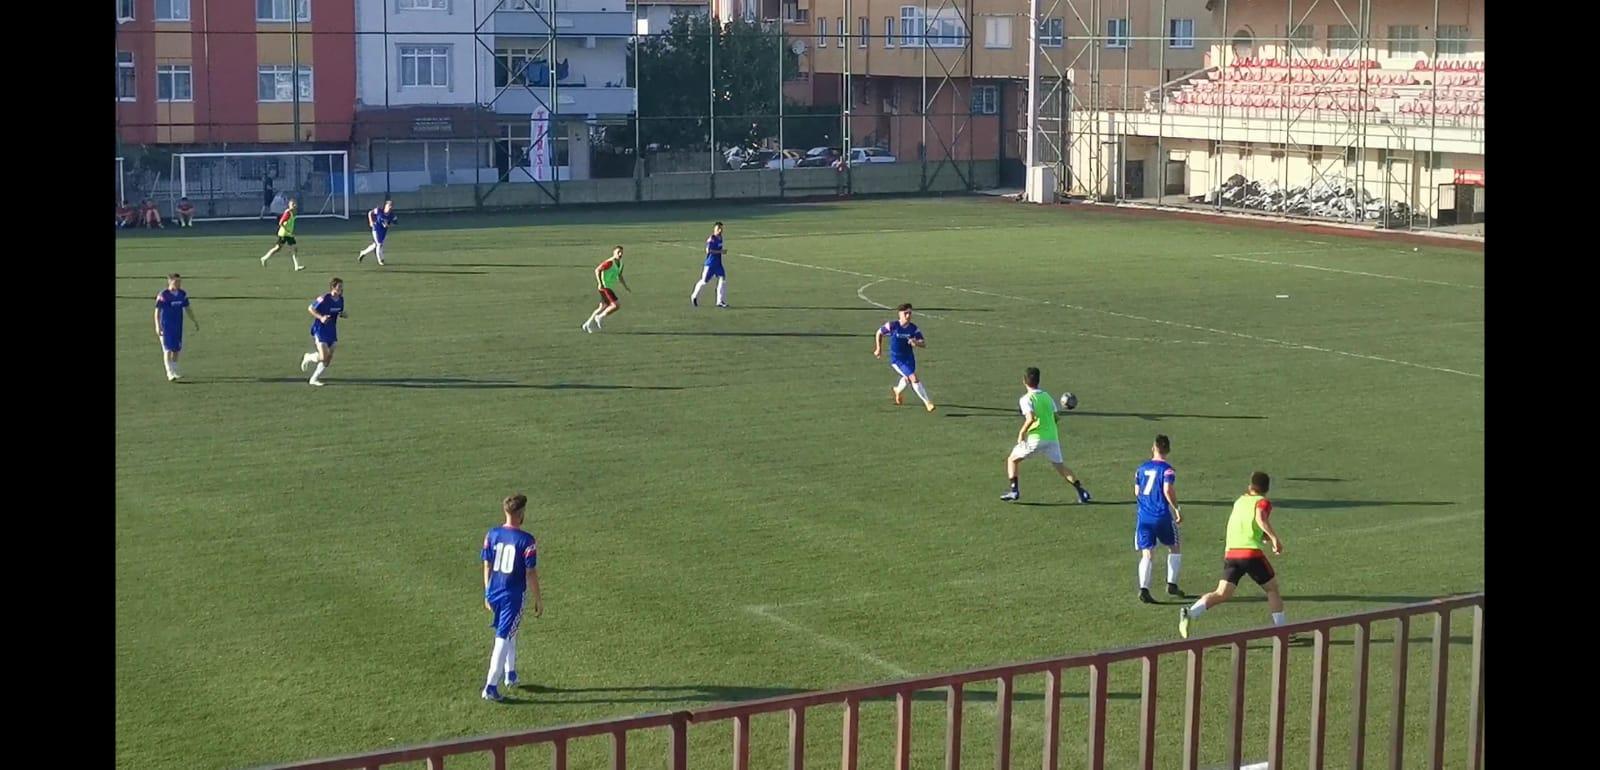 77.İstanbul Altyapı Kategorisi Futbolcu Deneme Kampı 21 Kasım 2020 (2002-2003-2004-2005-2006)